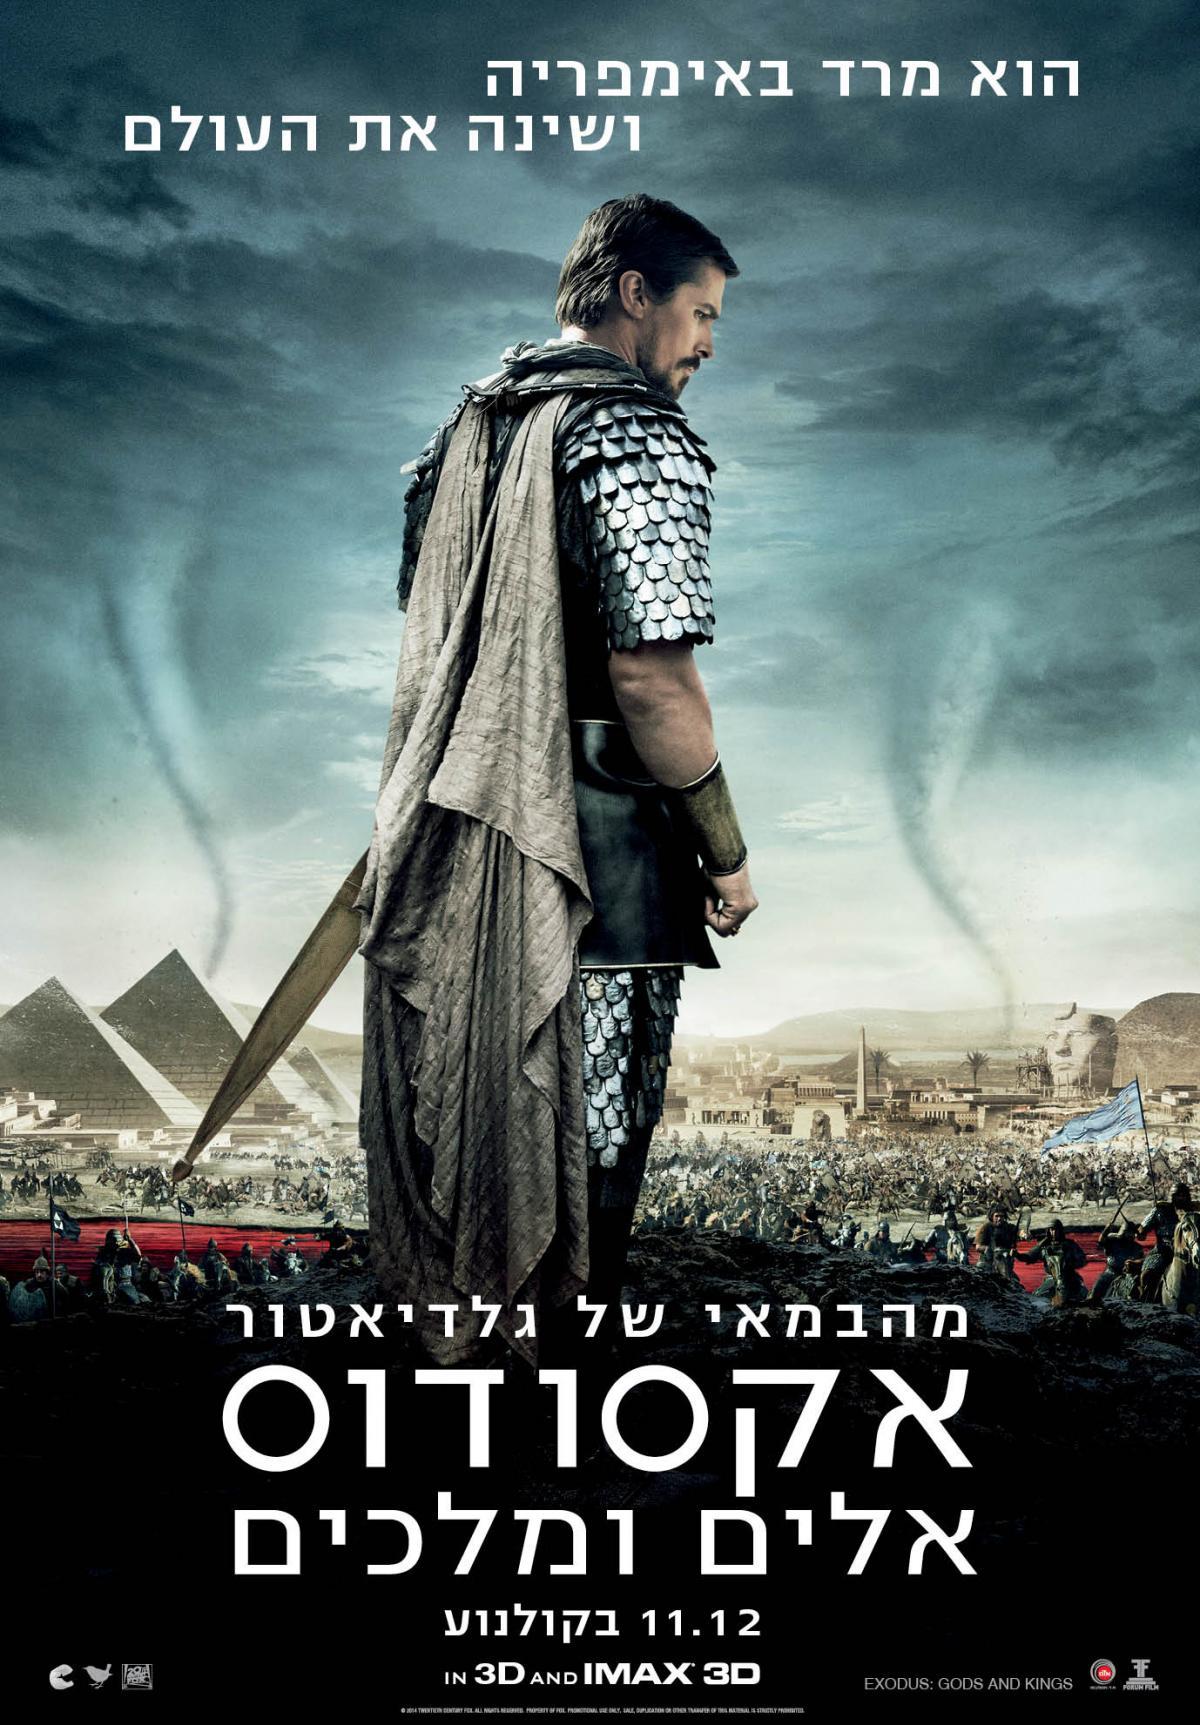 אקסודוס: אלים ומלכים